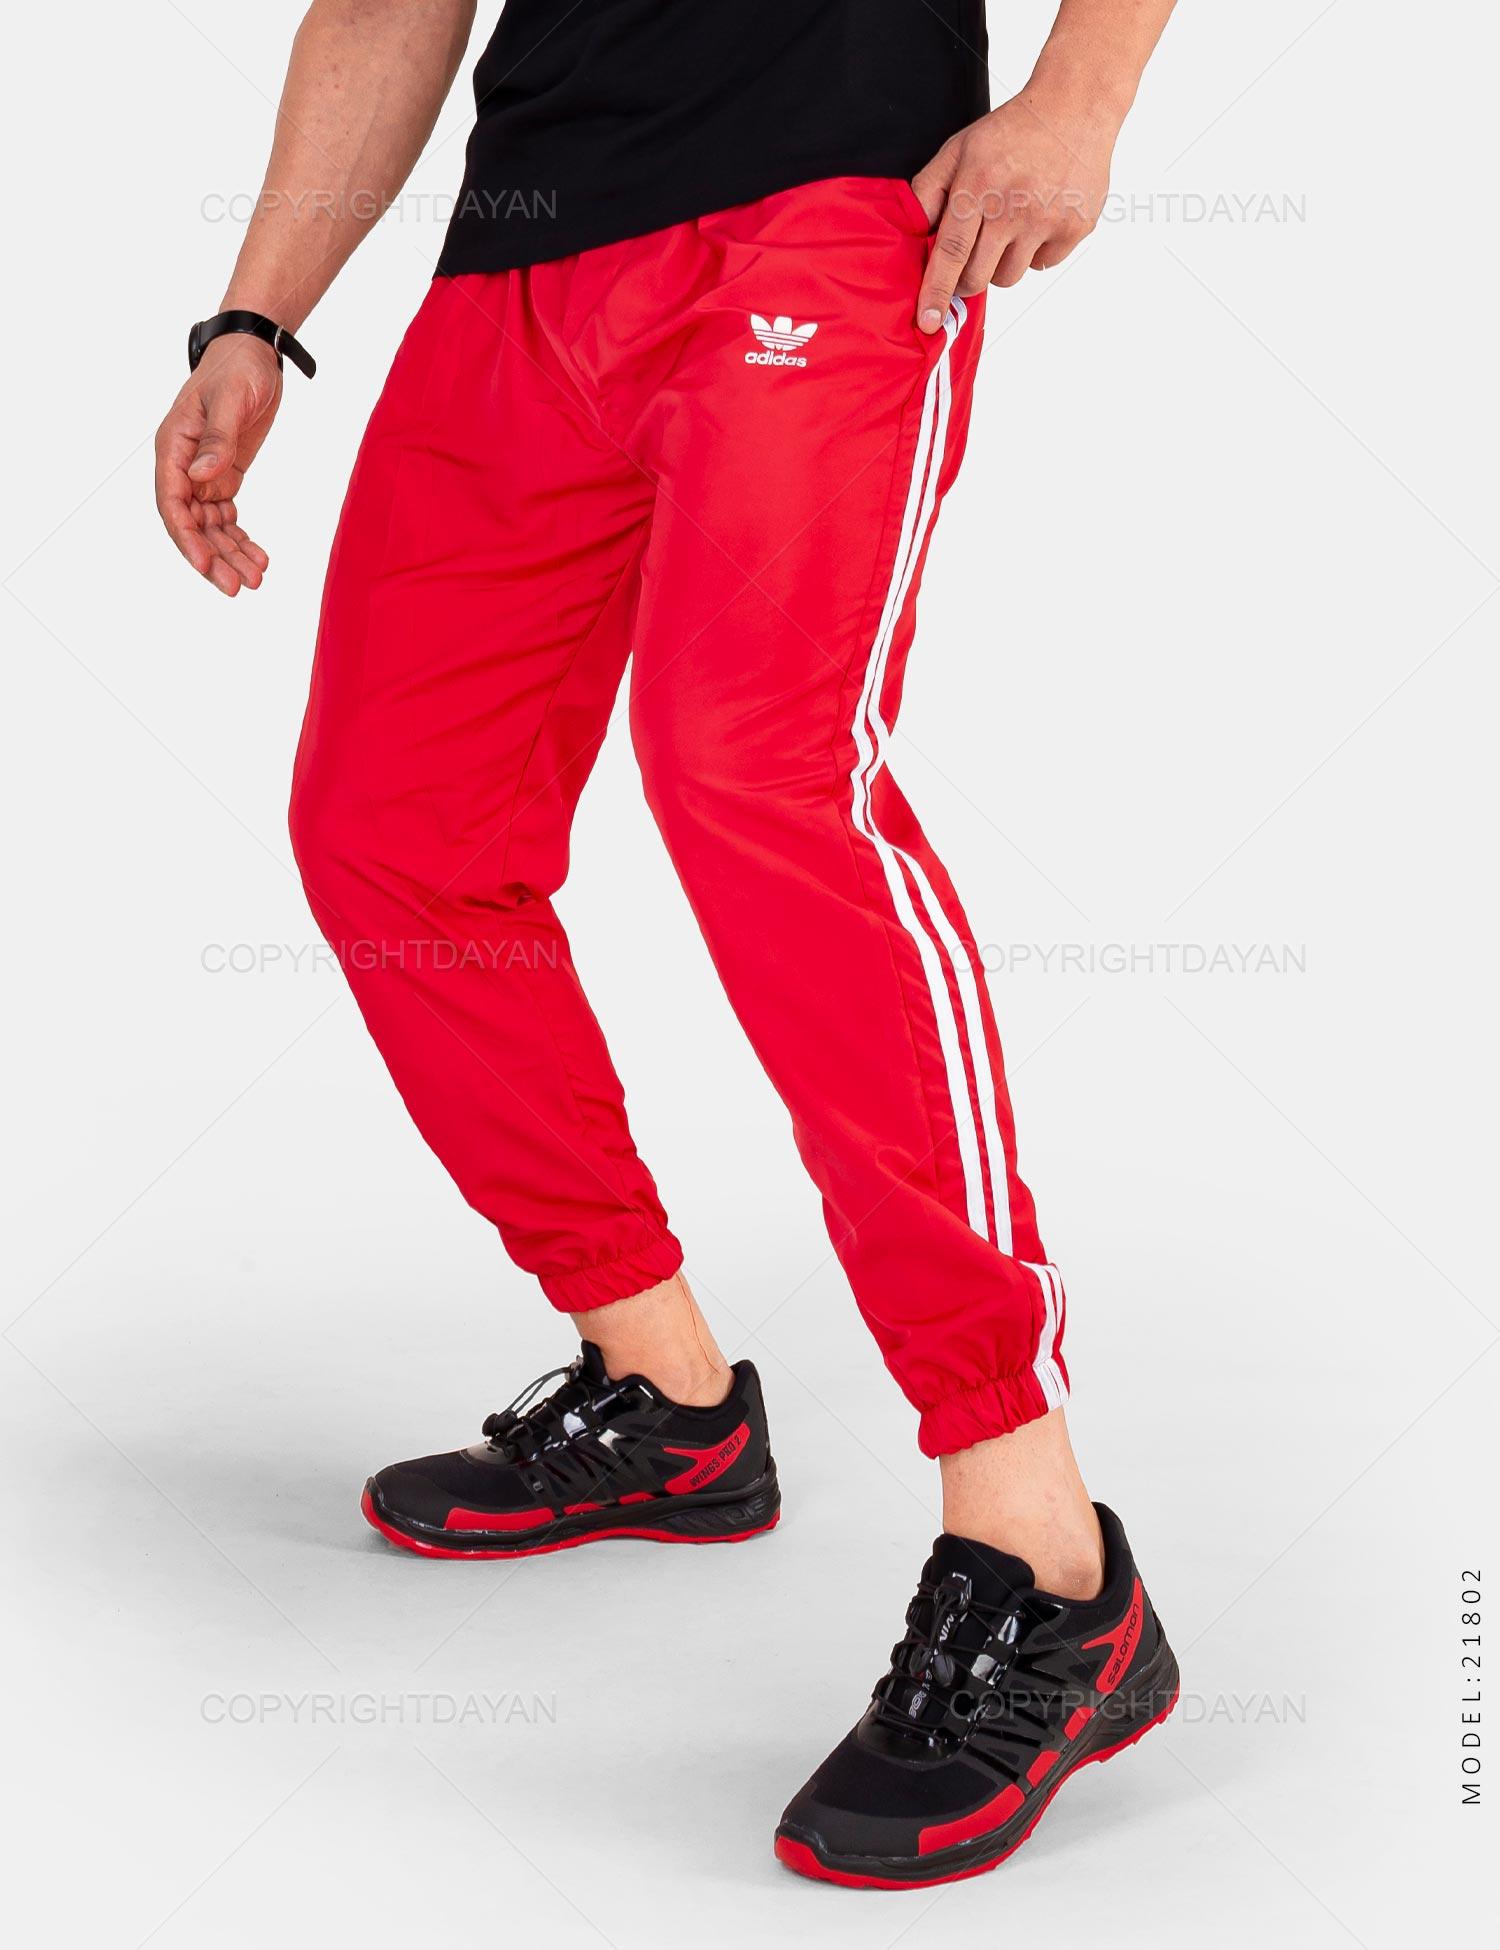 شلوار اسلش مردانه Adidas مدل 21802 شلوار اسلش مردانه Adidas مدل 21802 169,000 تومان